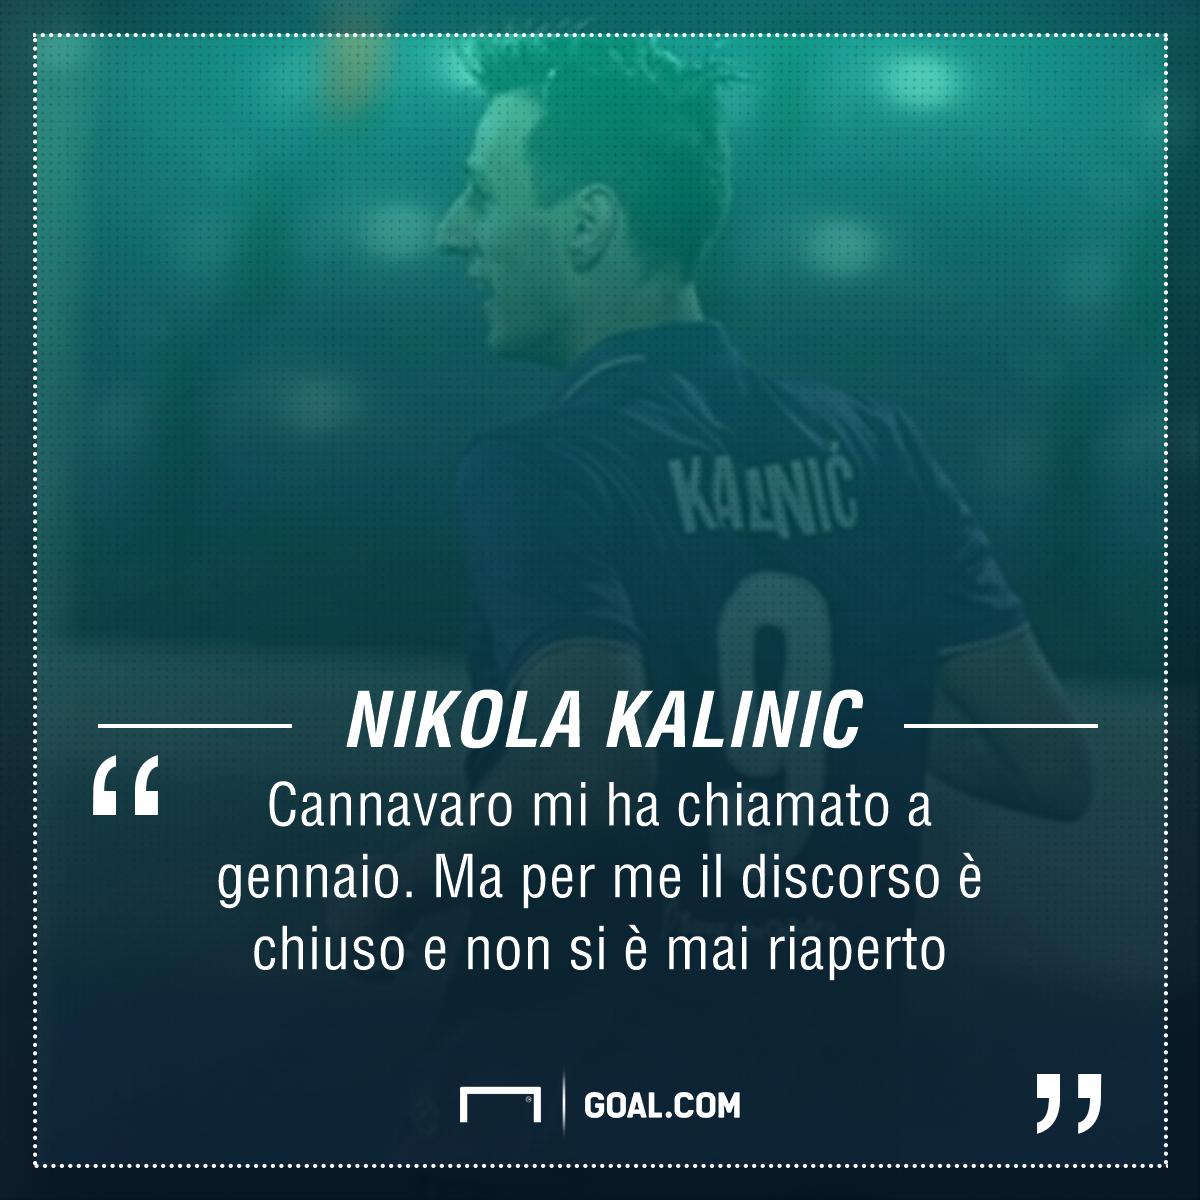 Kalinic PS